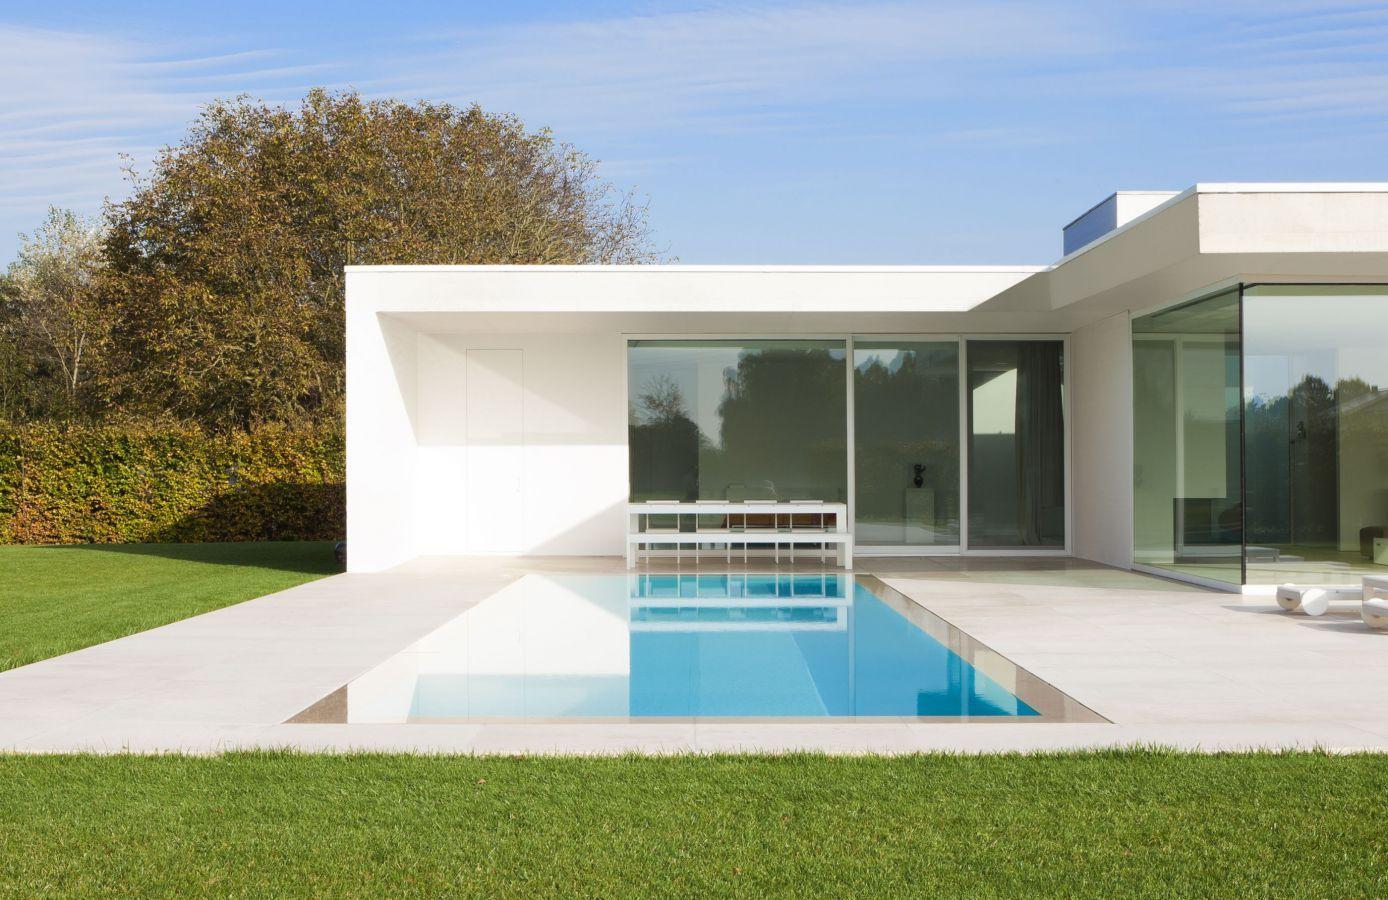 Modern overloopzwembad met liner en witte tegels die perfect